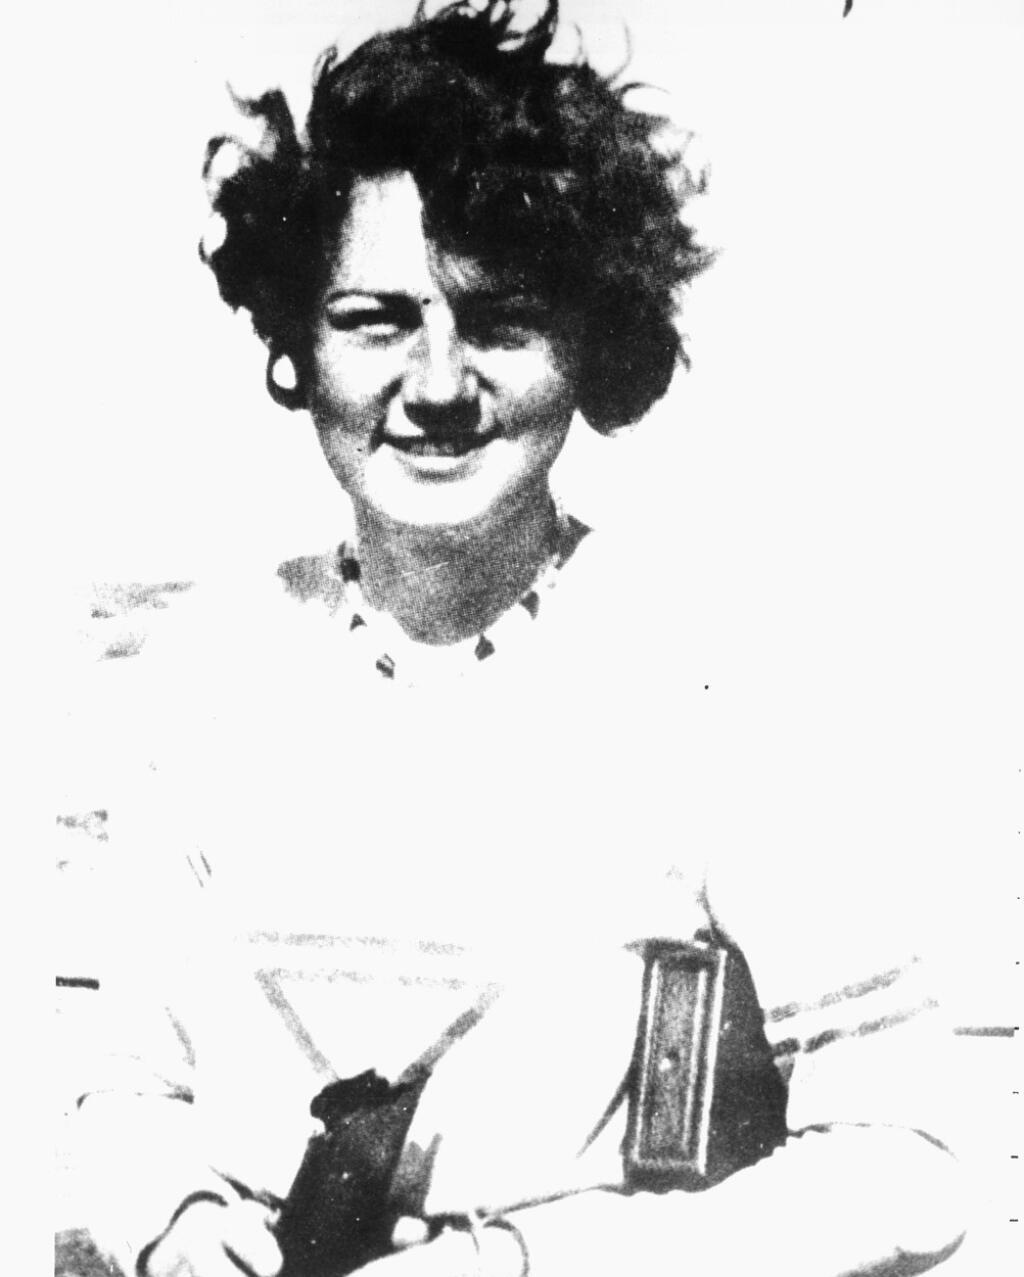 Dlhé roky mnohých máta príbeh o tragickej a nenaplnenej láske Adolfa, ktorou bola údajne jeho neter Geli Raubalová.